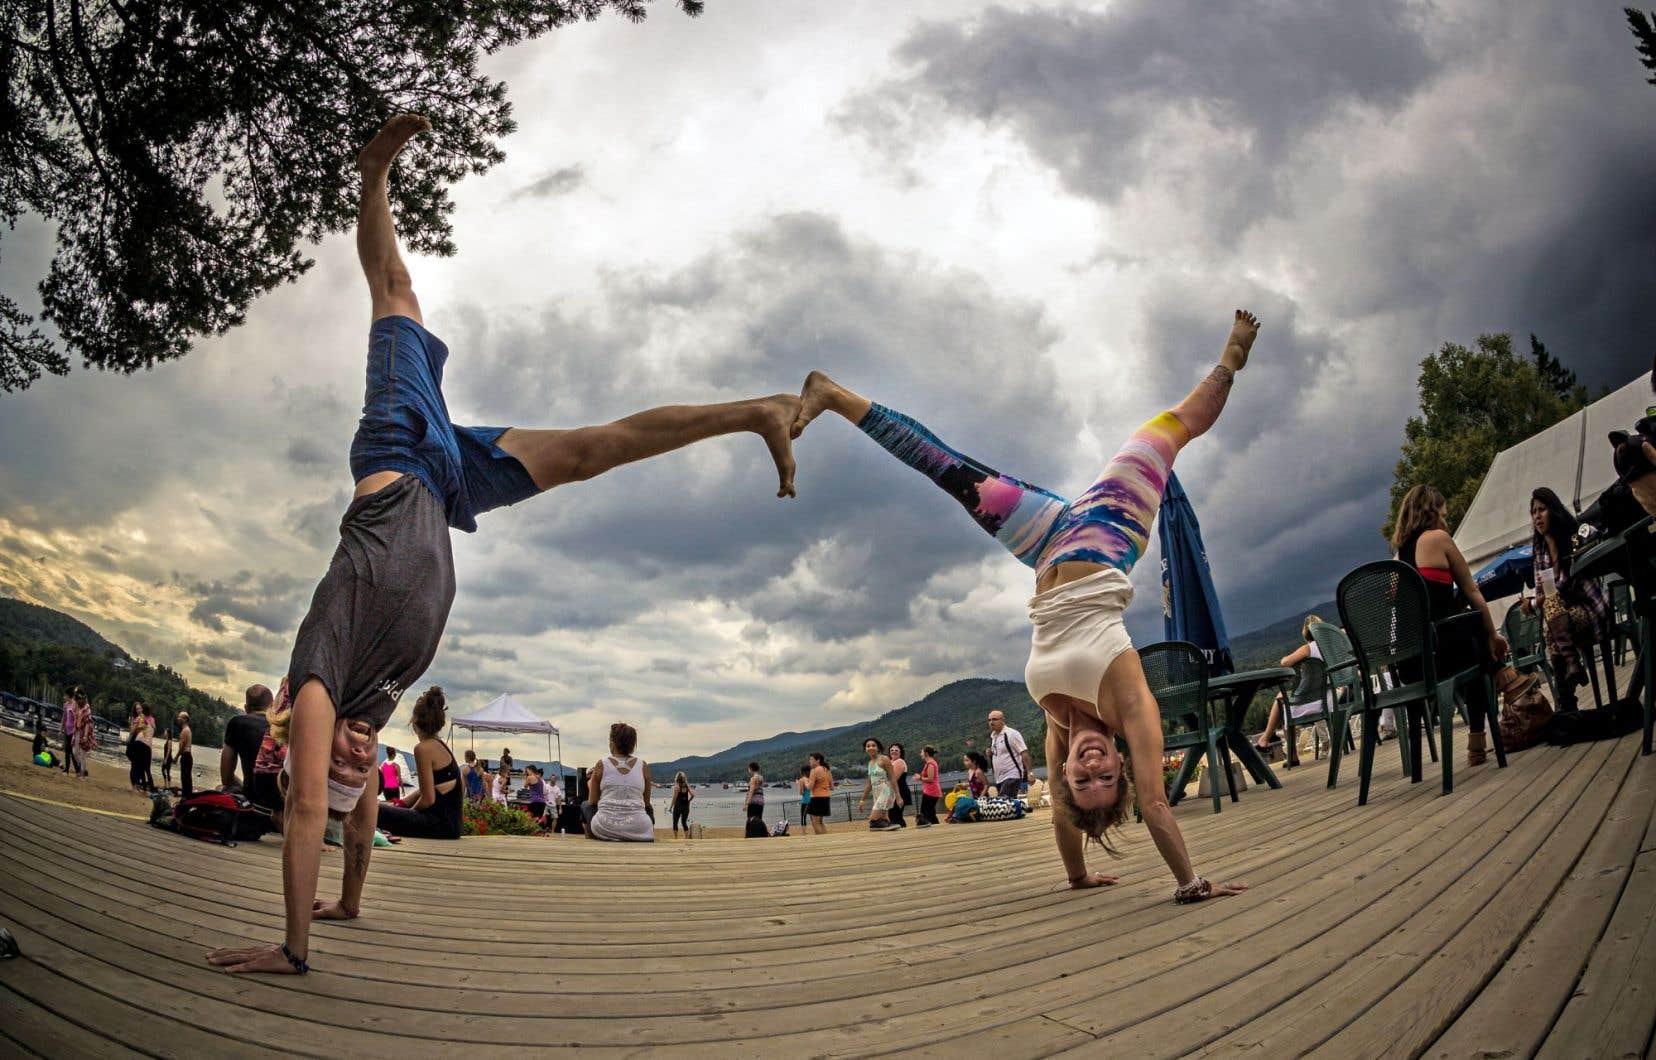 Wanderlust n'est pas une retraite de yoga silencieuse et sérieuse. La musique, le mouvement et la liberté sont au centre de ce festival ambulant axé sur le bien-être.